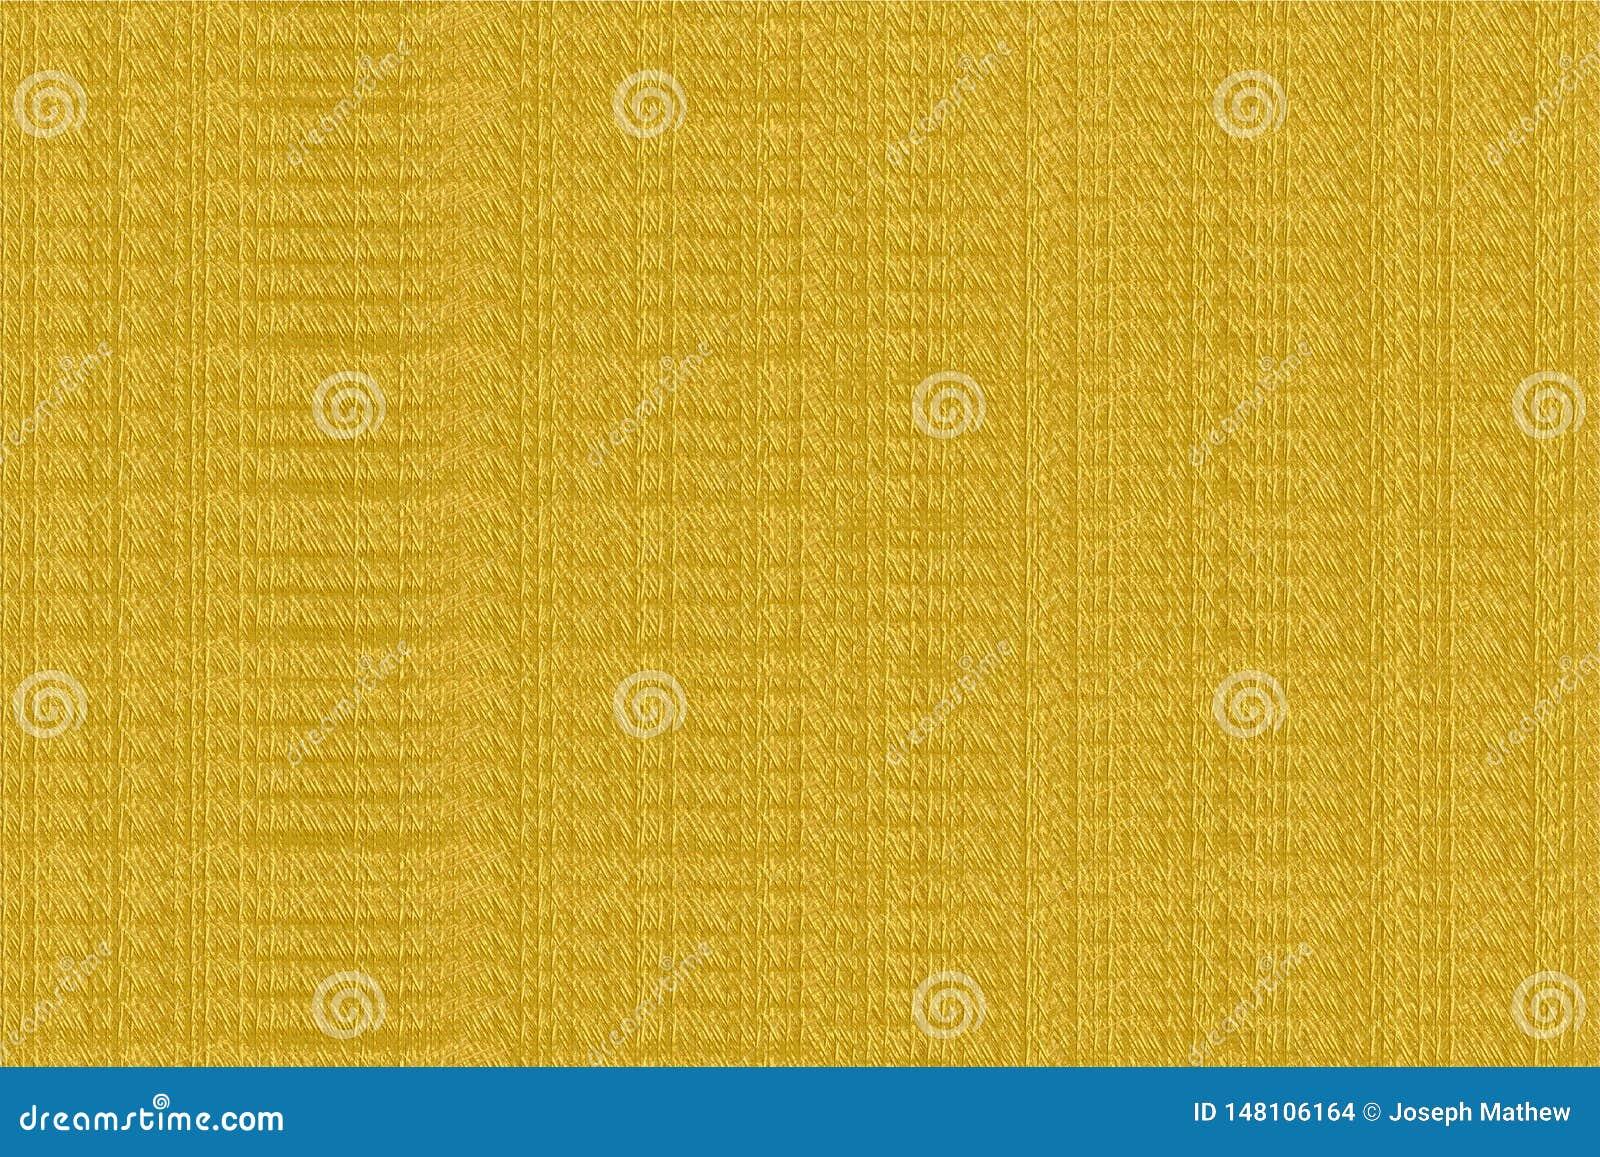 Textur för bakgrund för guld- textur för lutning metallisk guld-